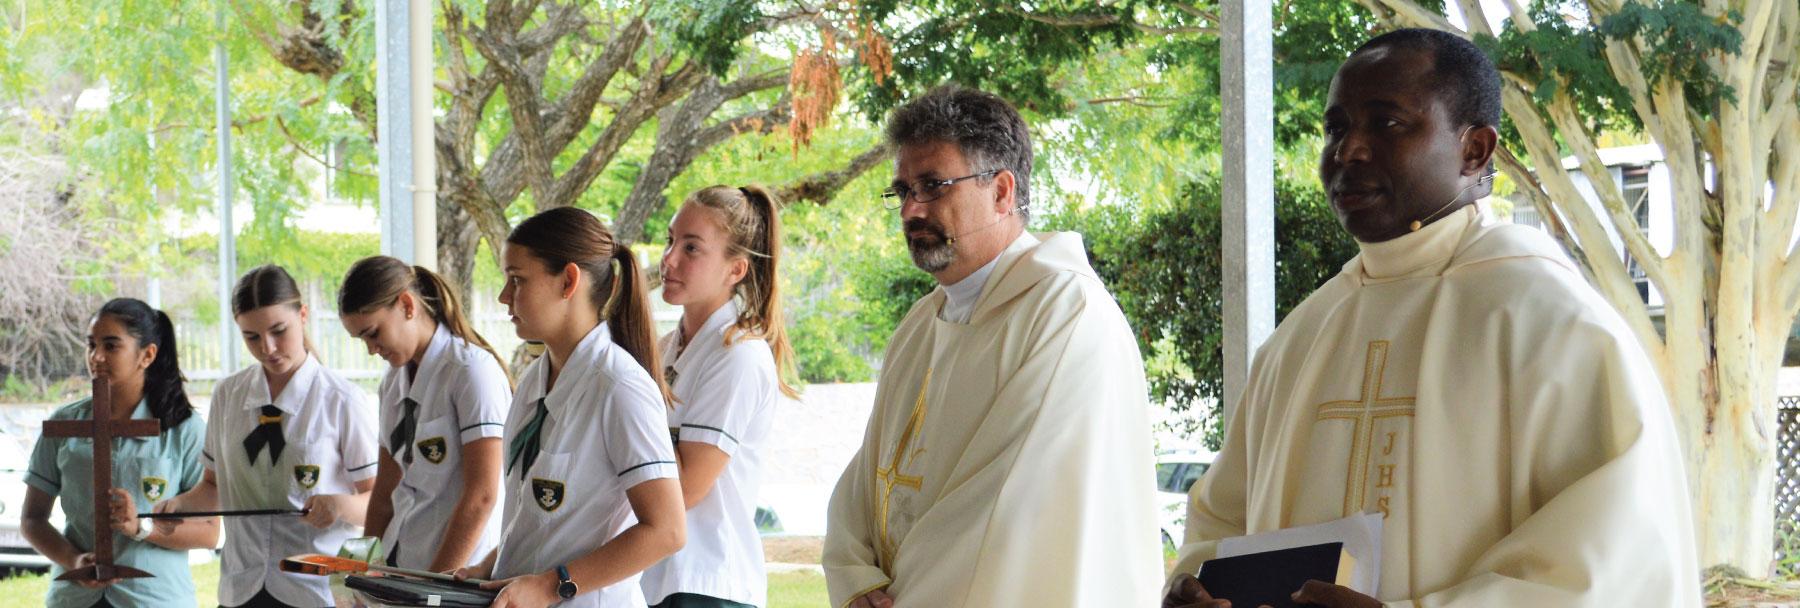 Catholic Ethos